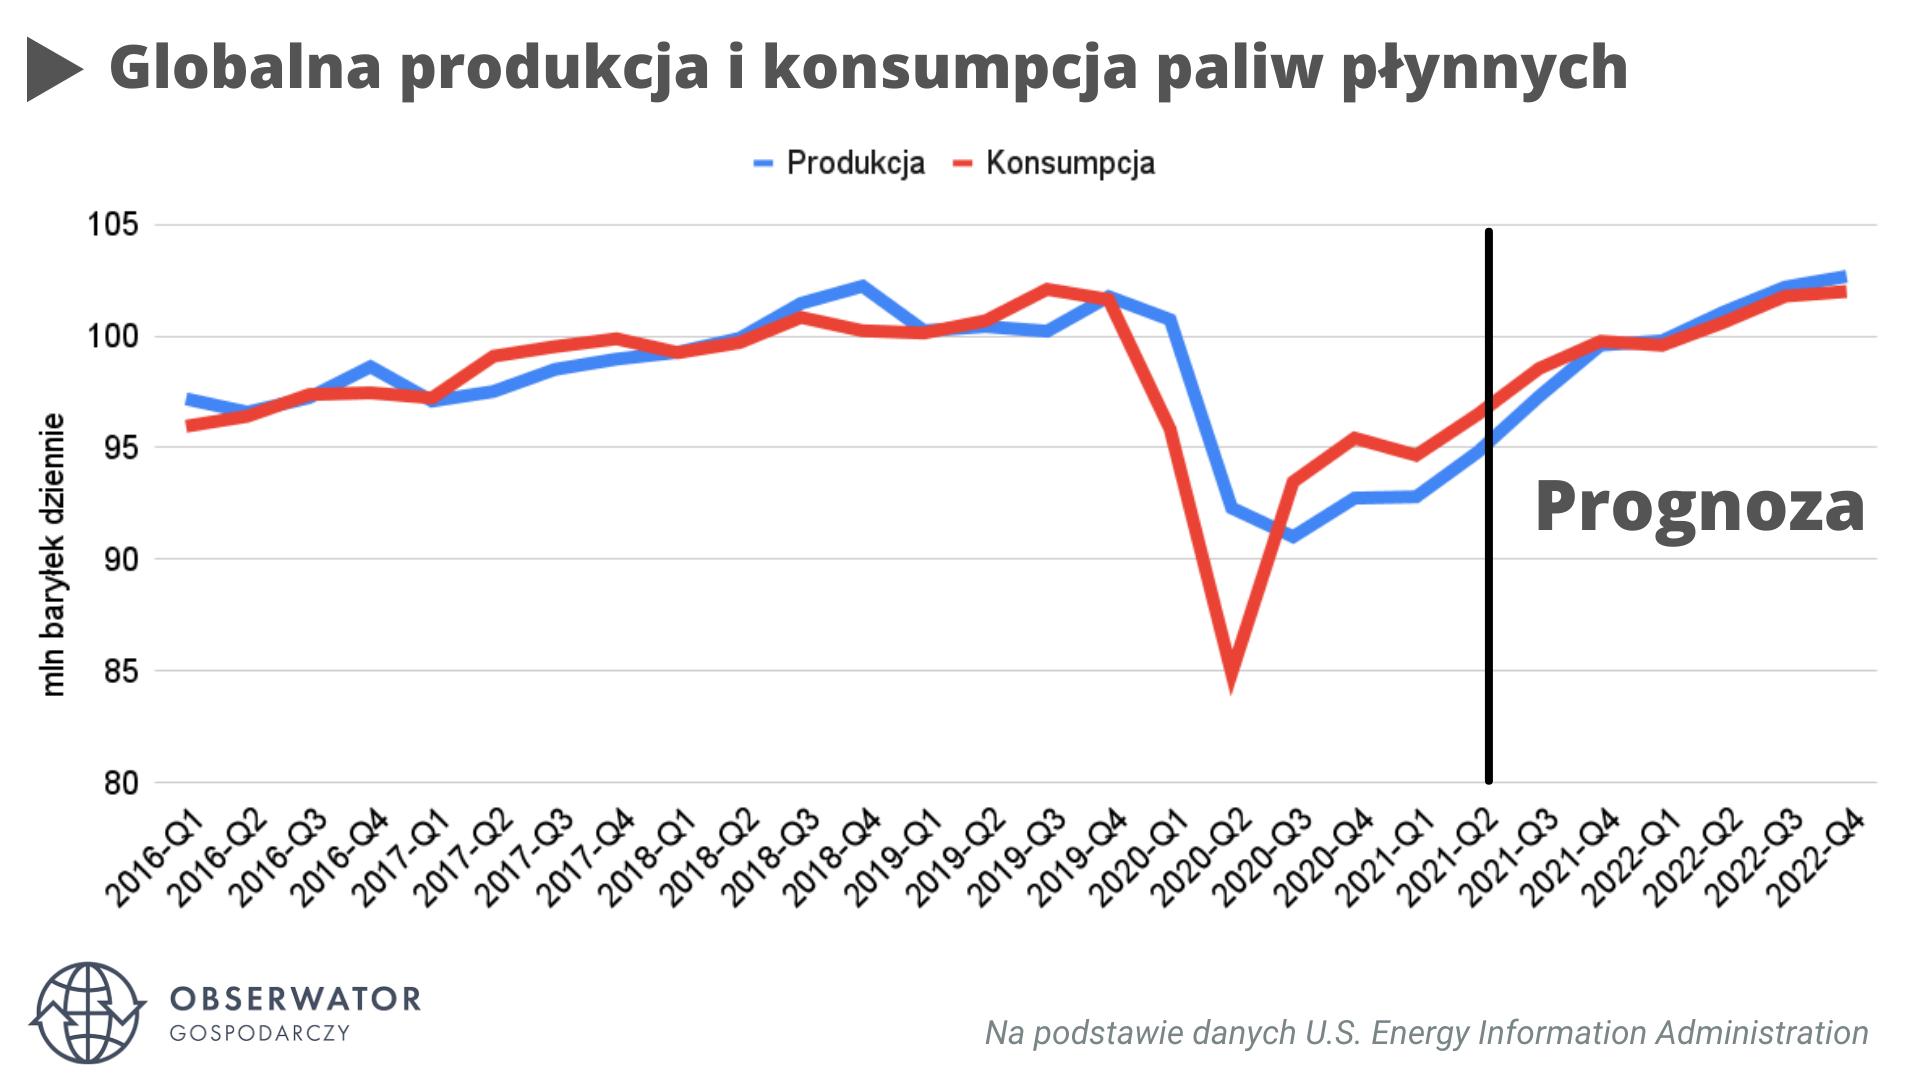 Globalna produkcja i konsumpcja paliw płynnych